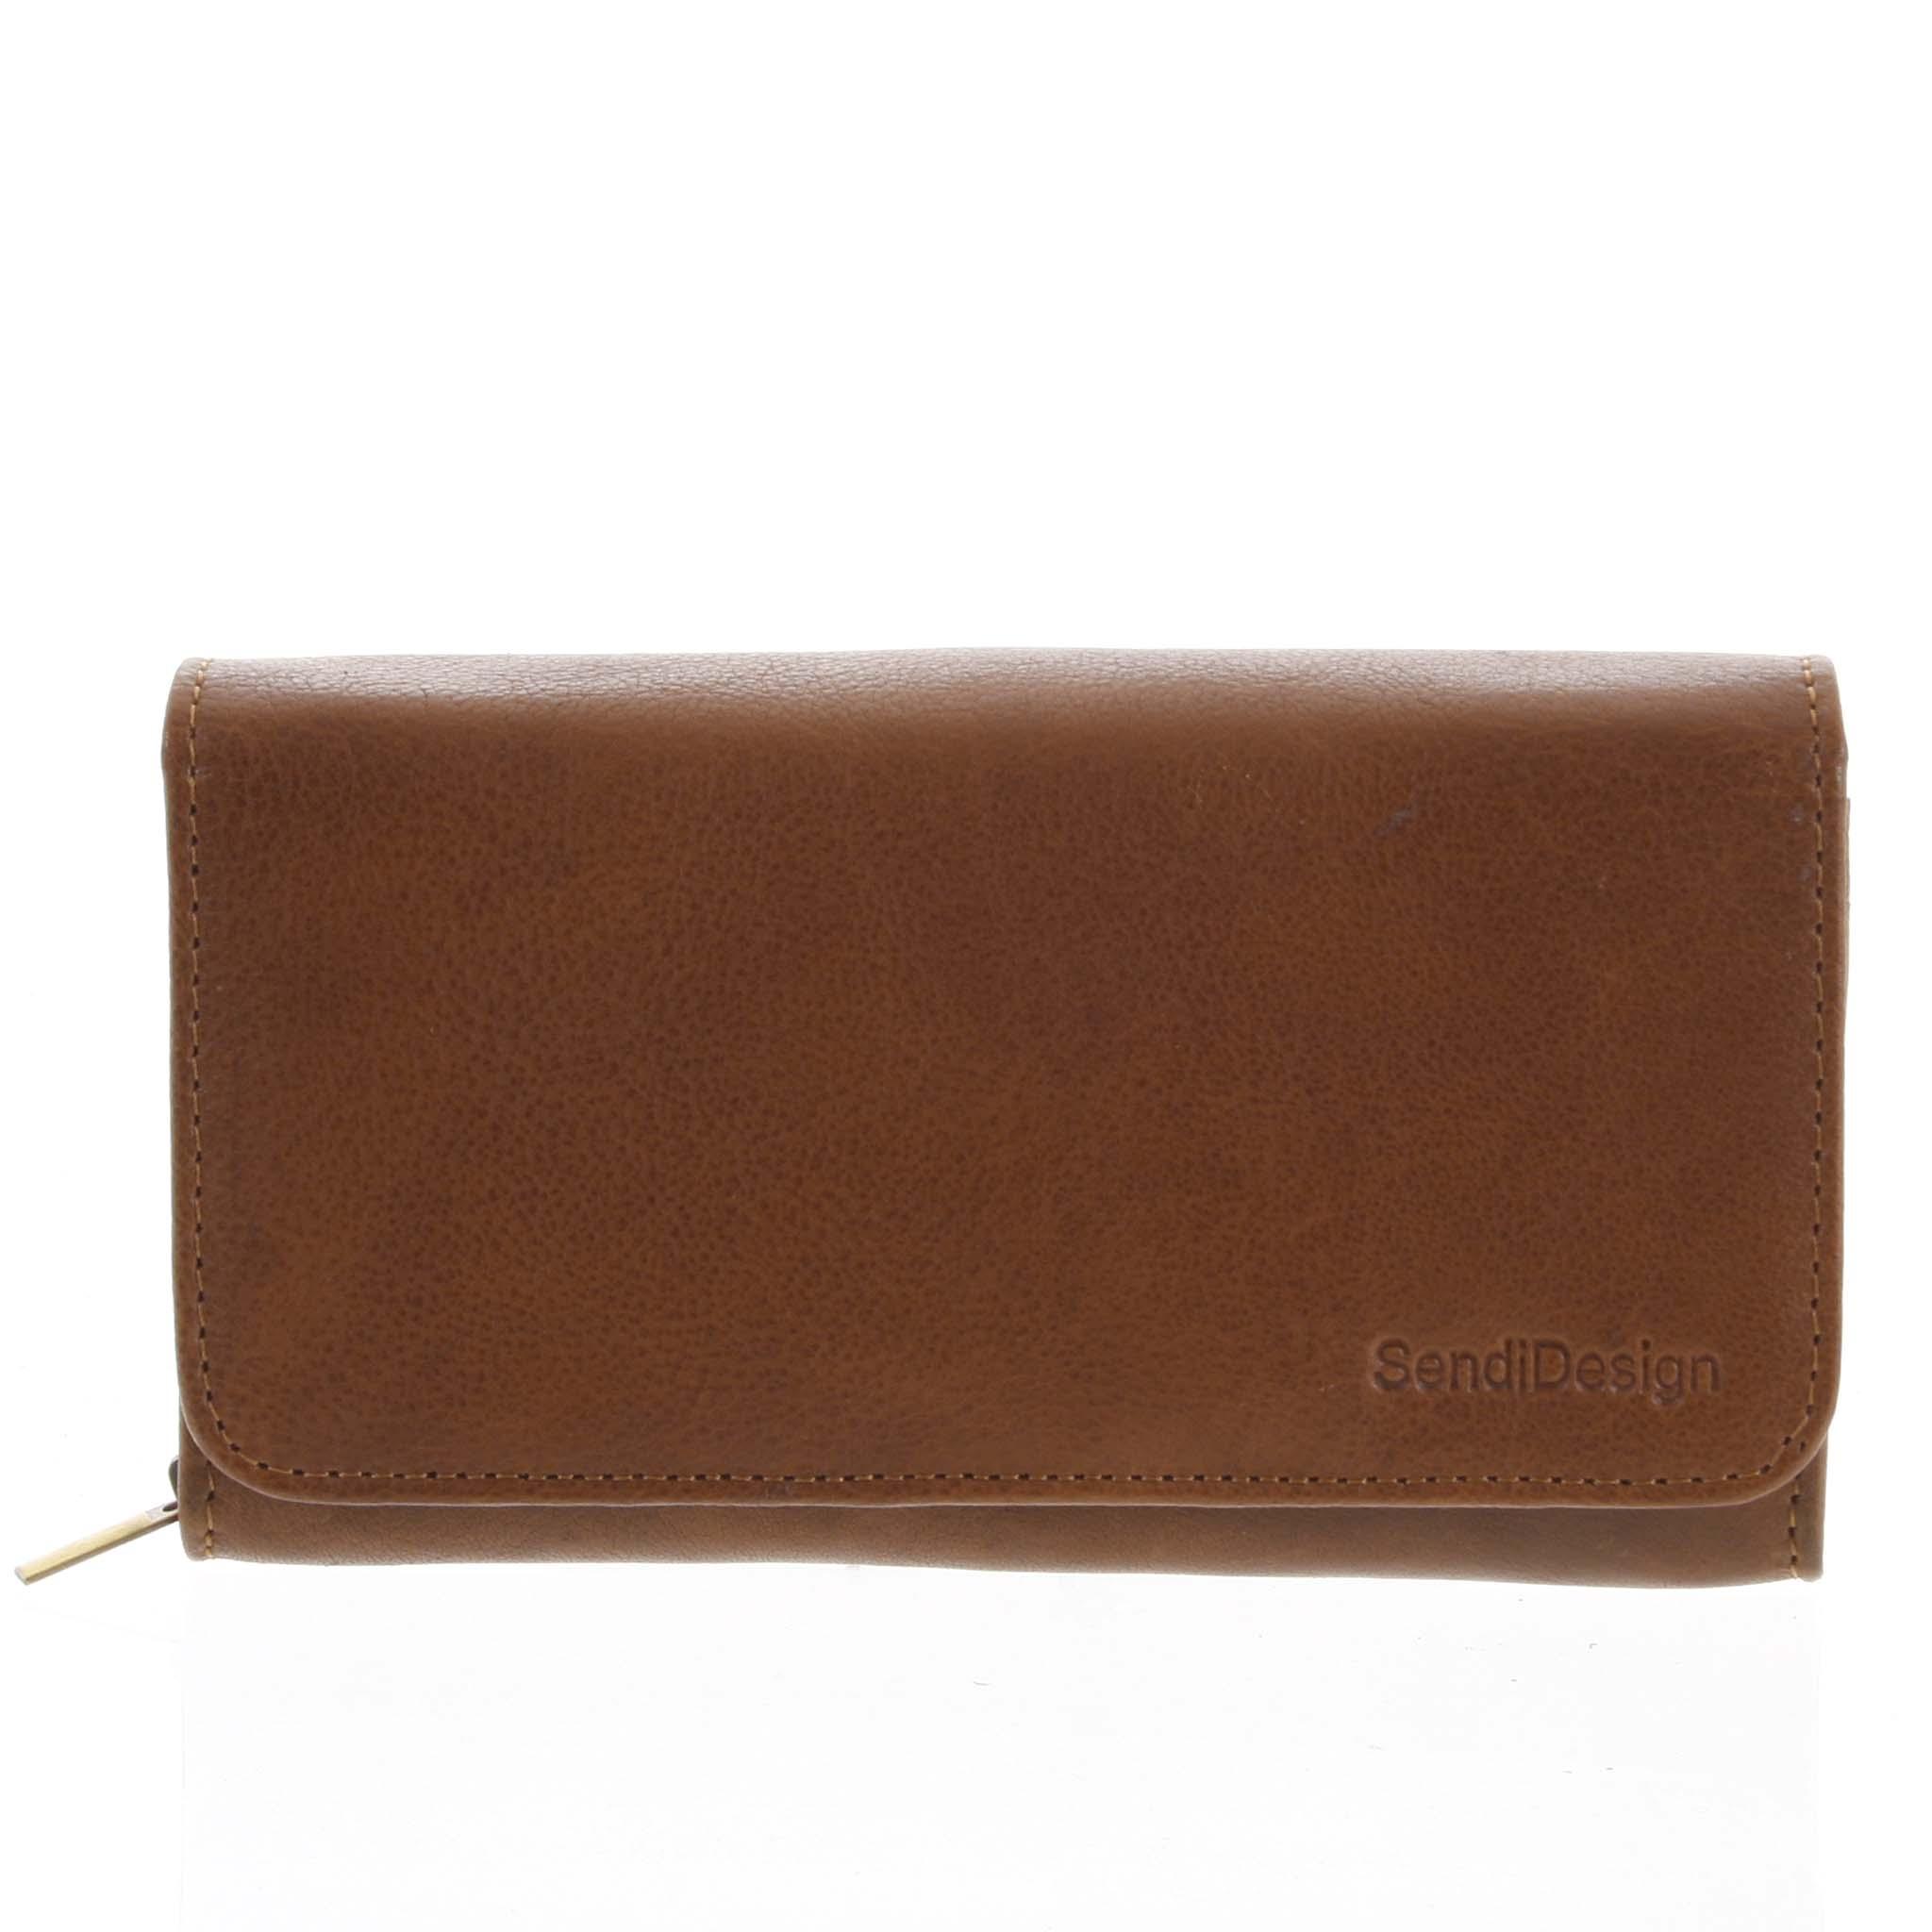 Dámska kožená peňaženka svetlohnedá - SendiDesign Really